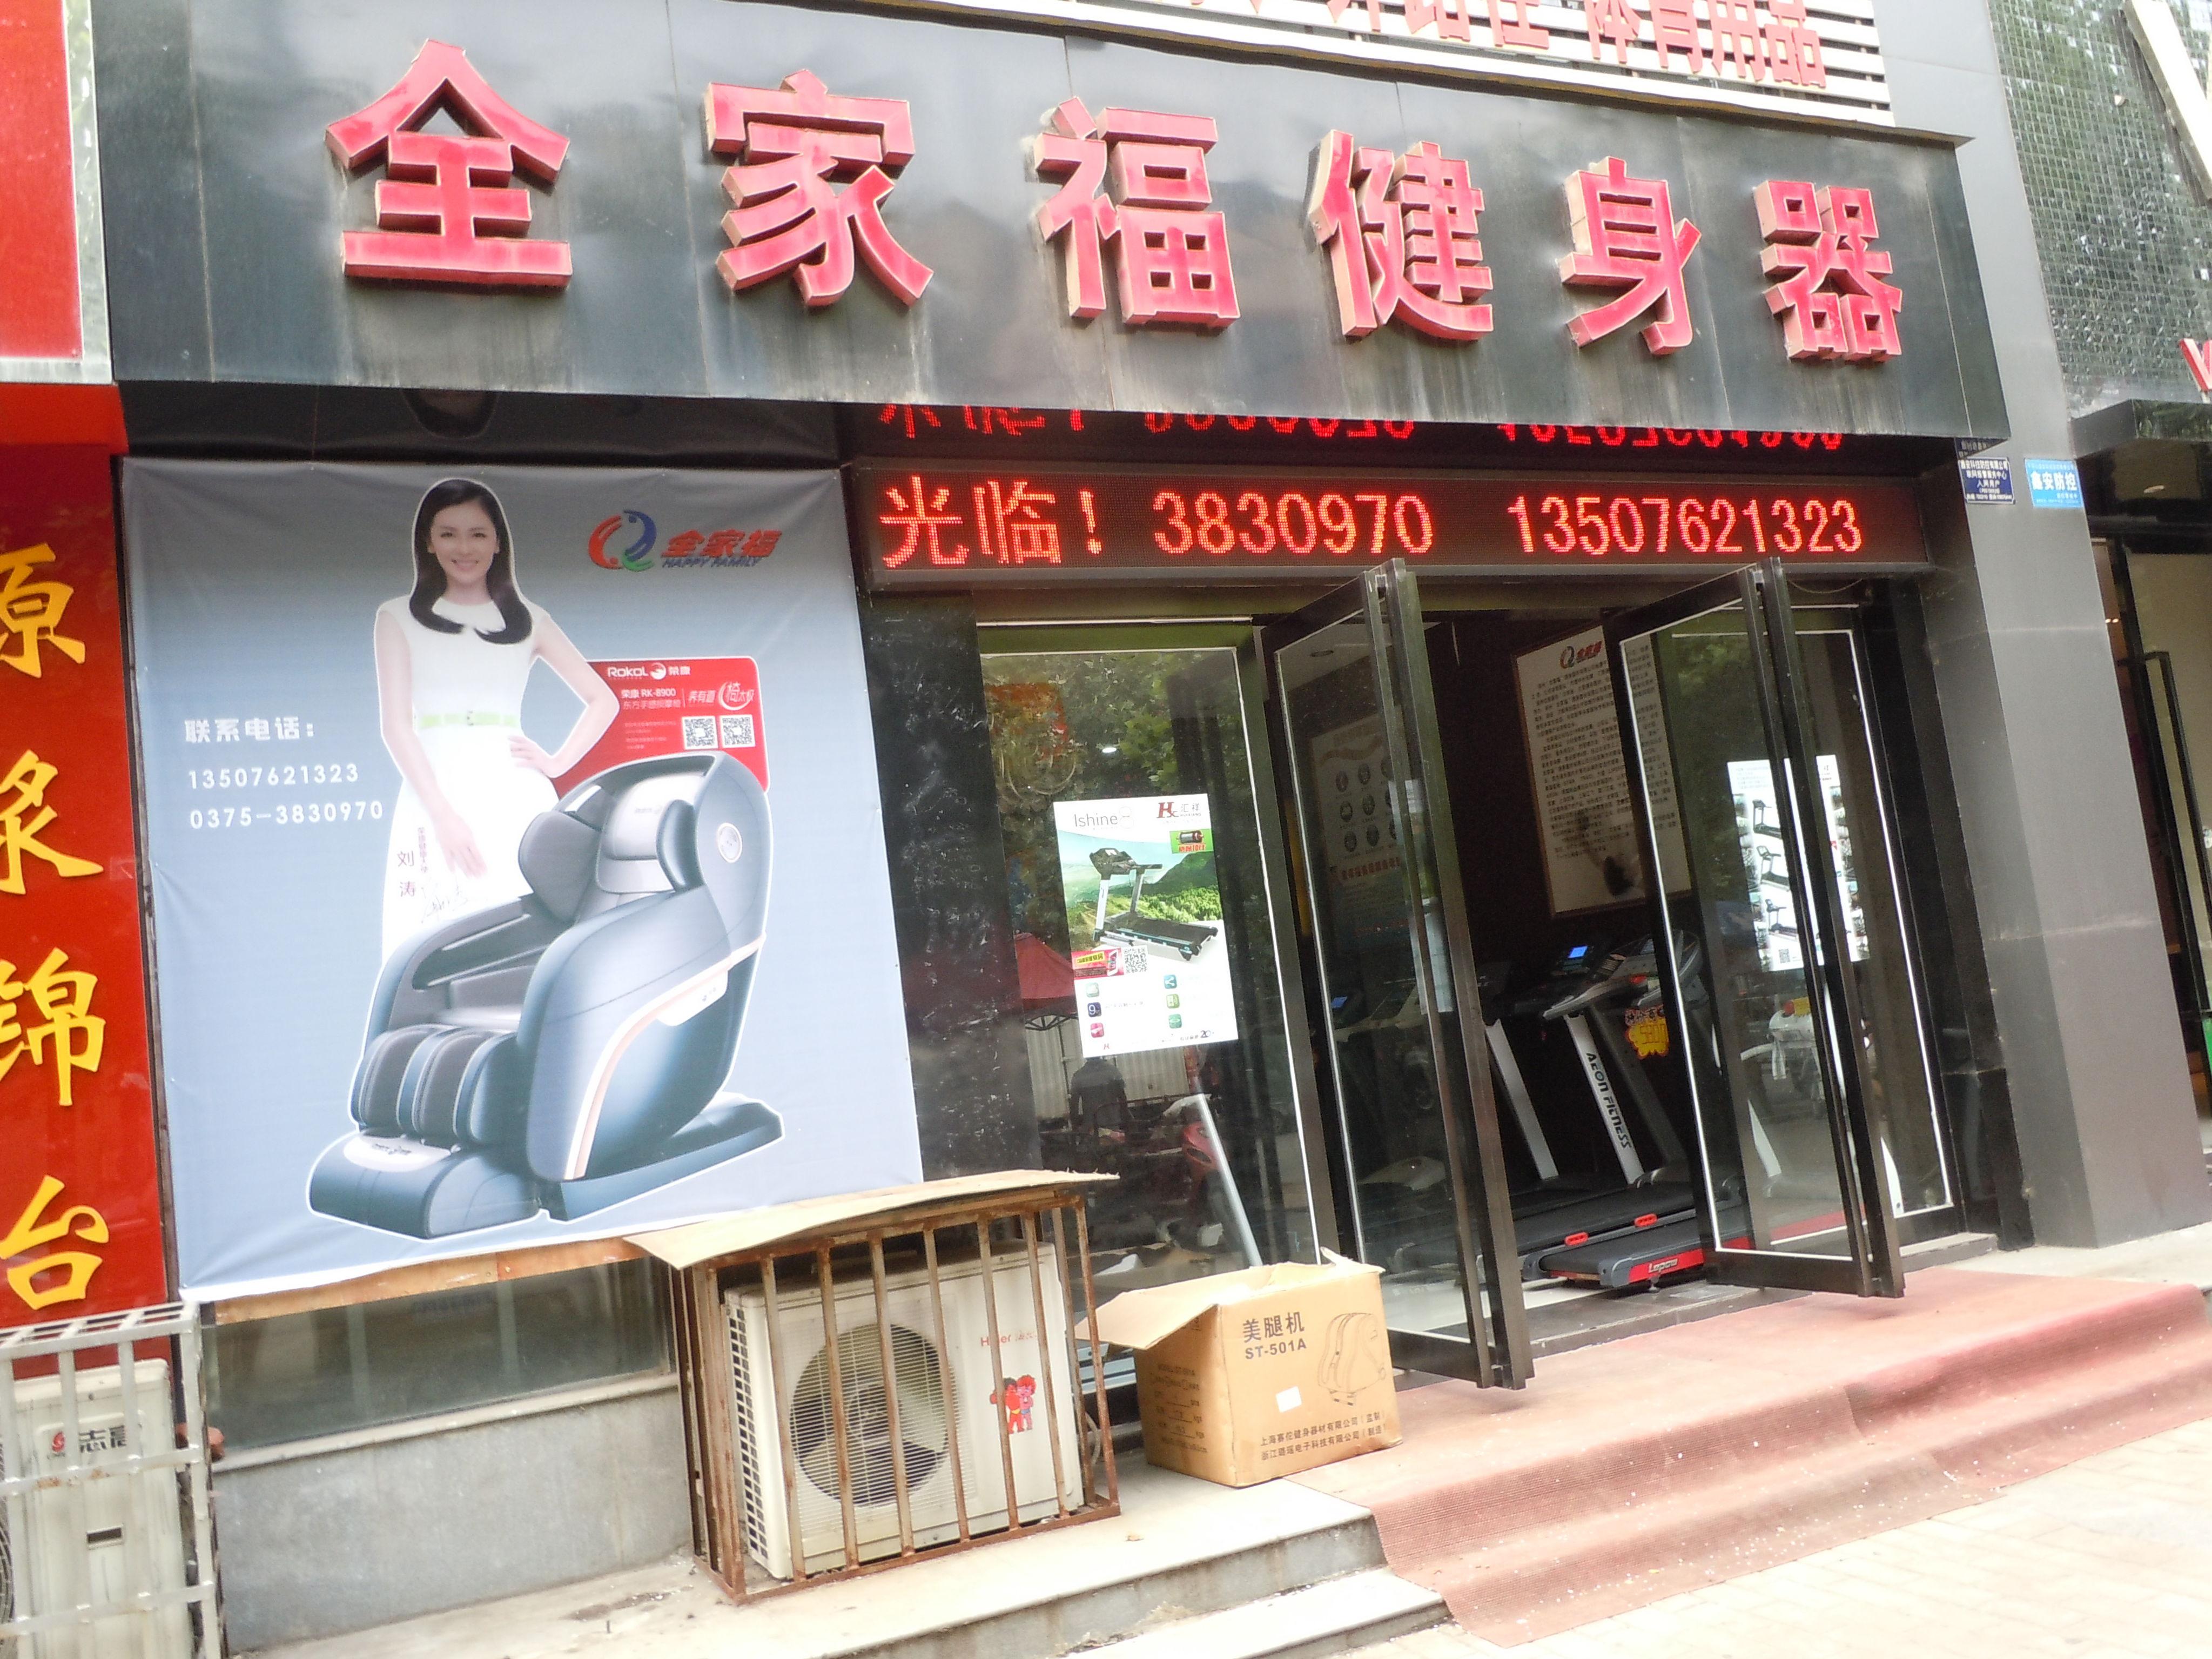 健身器材店_卖健身器材的公司名称